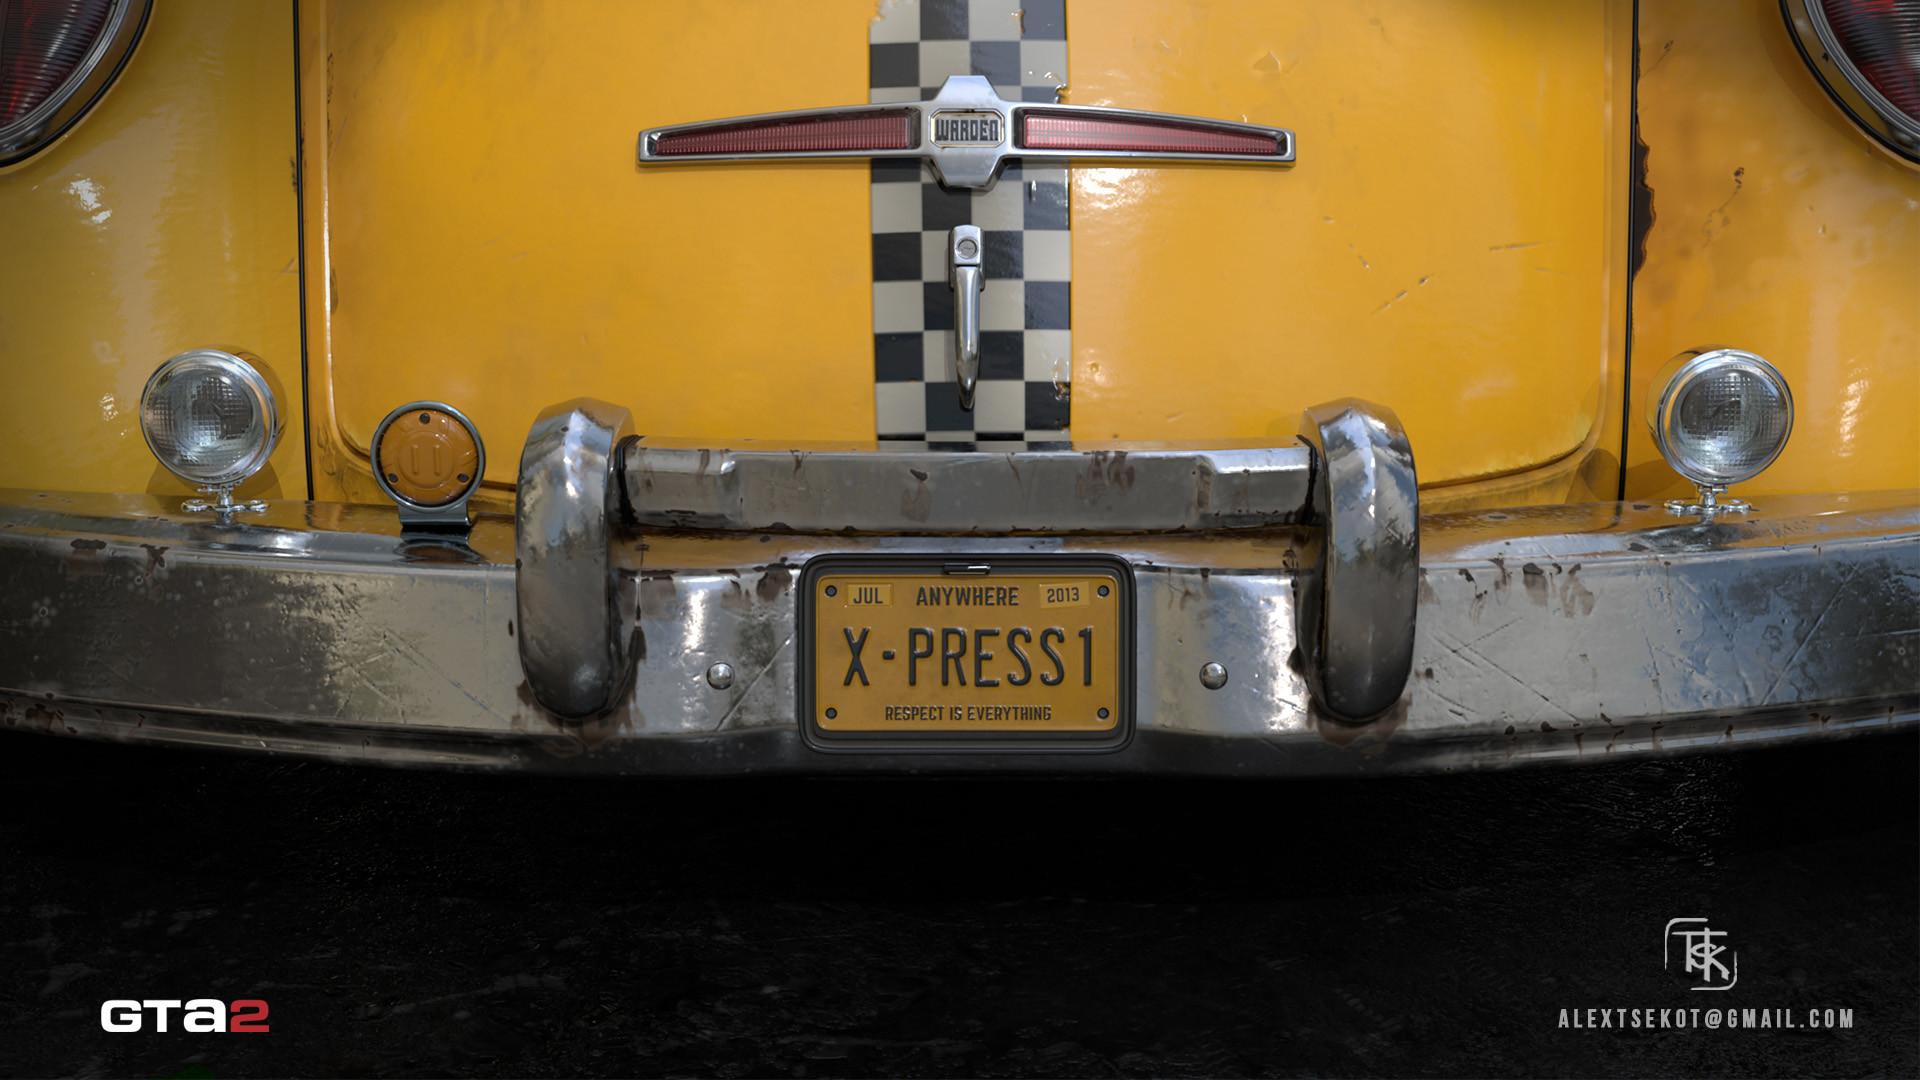 Alex tsekot taxi xpress 7